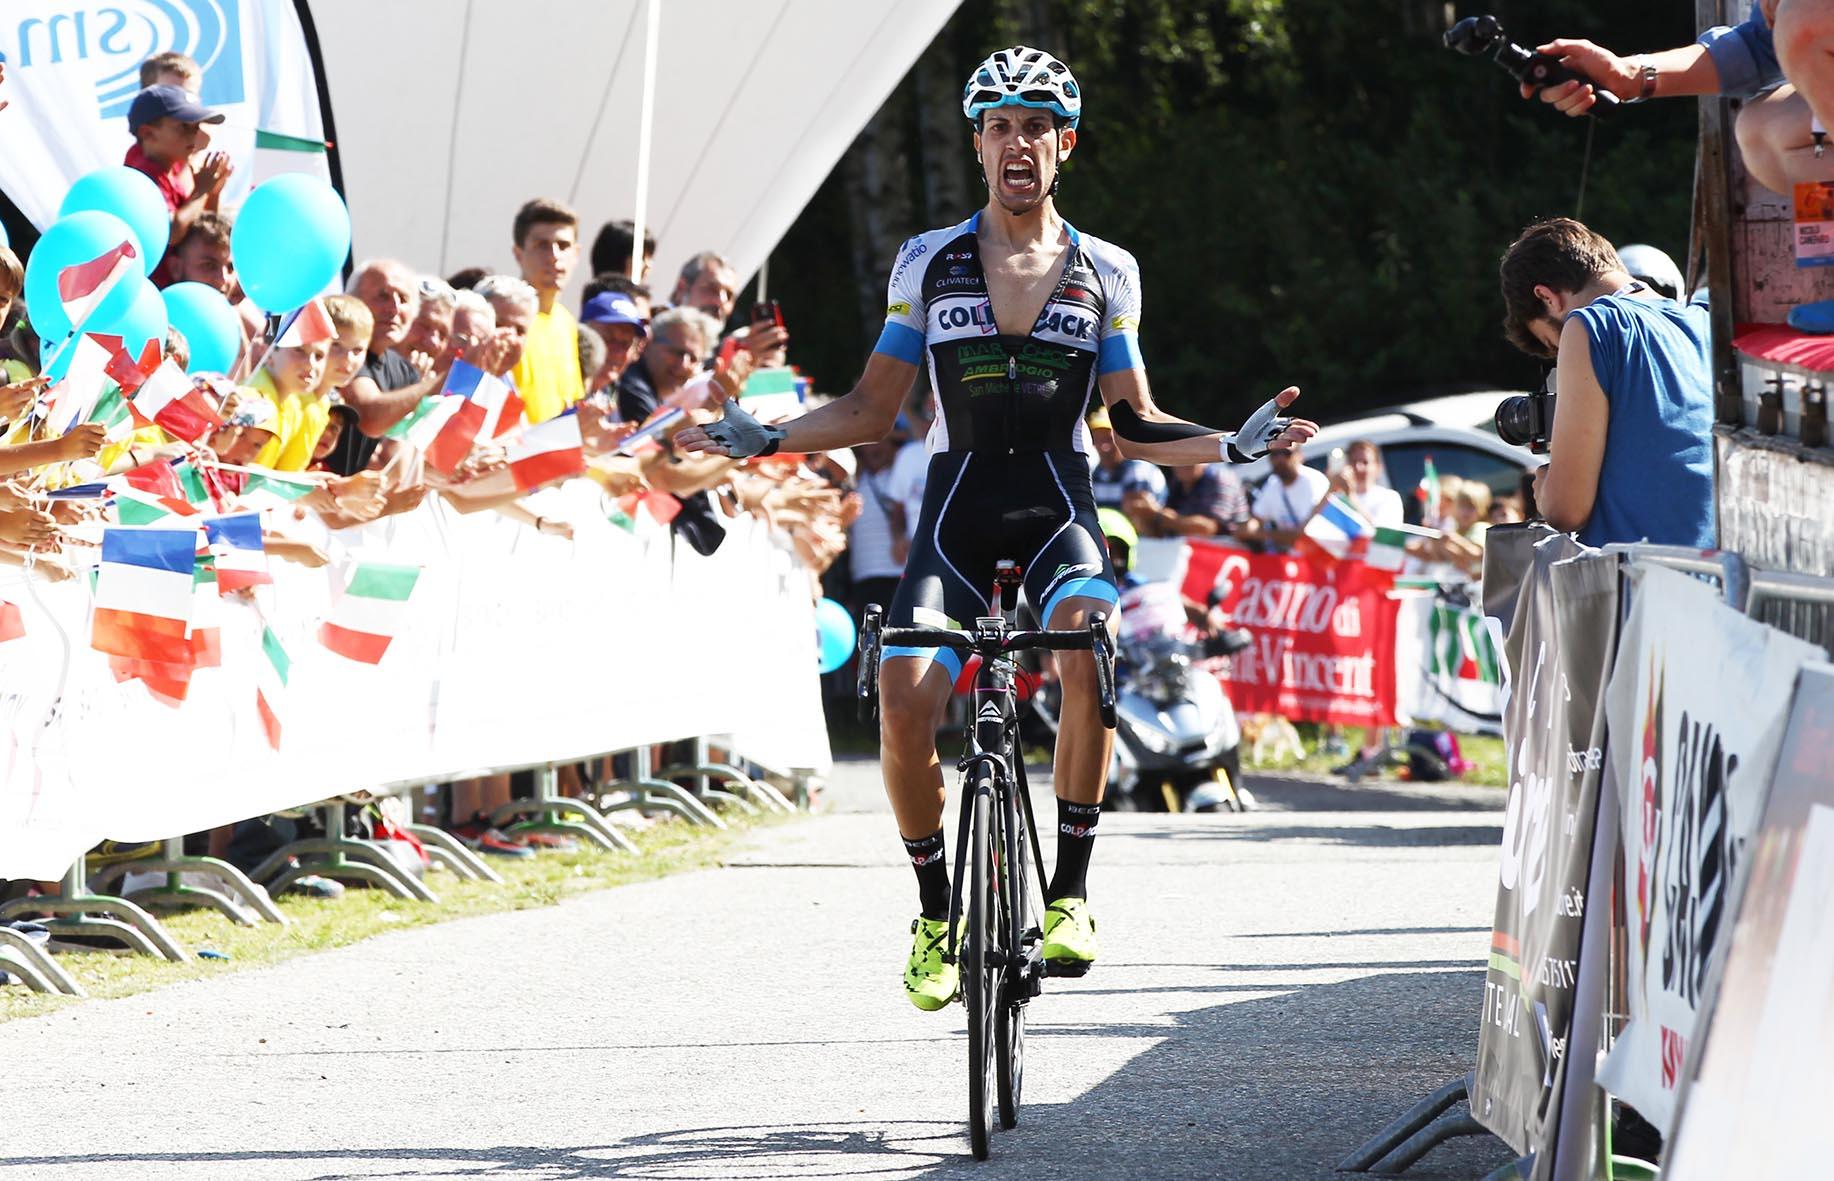 Giovanni Carboni vince la prima tappa del Giro della Valle d'Aosta 2017